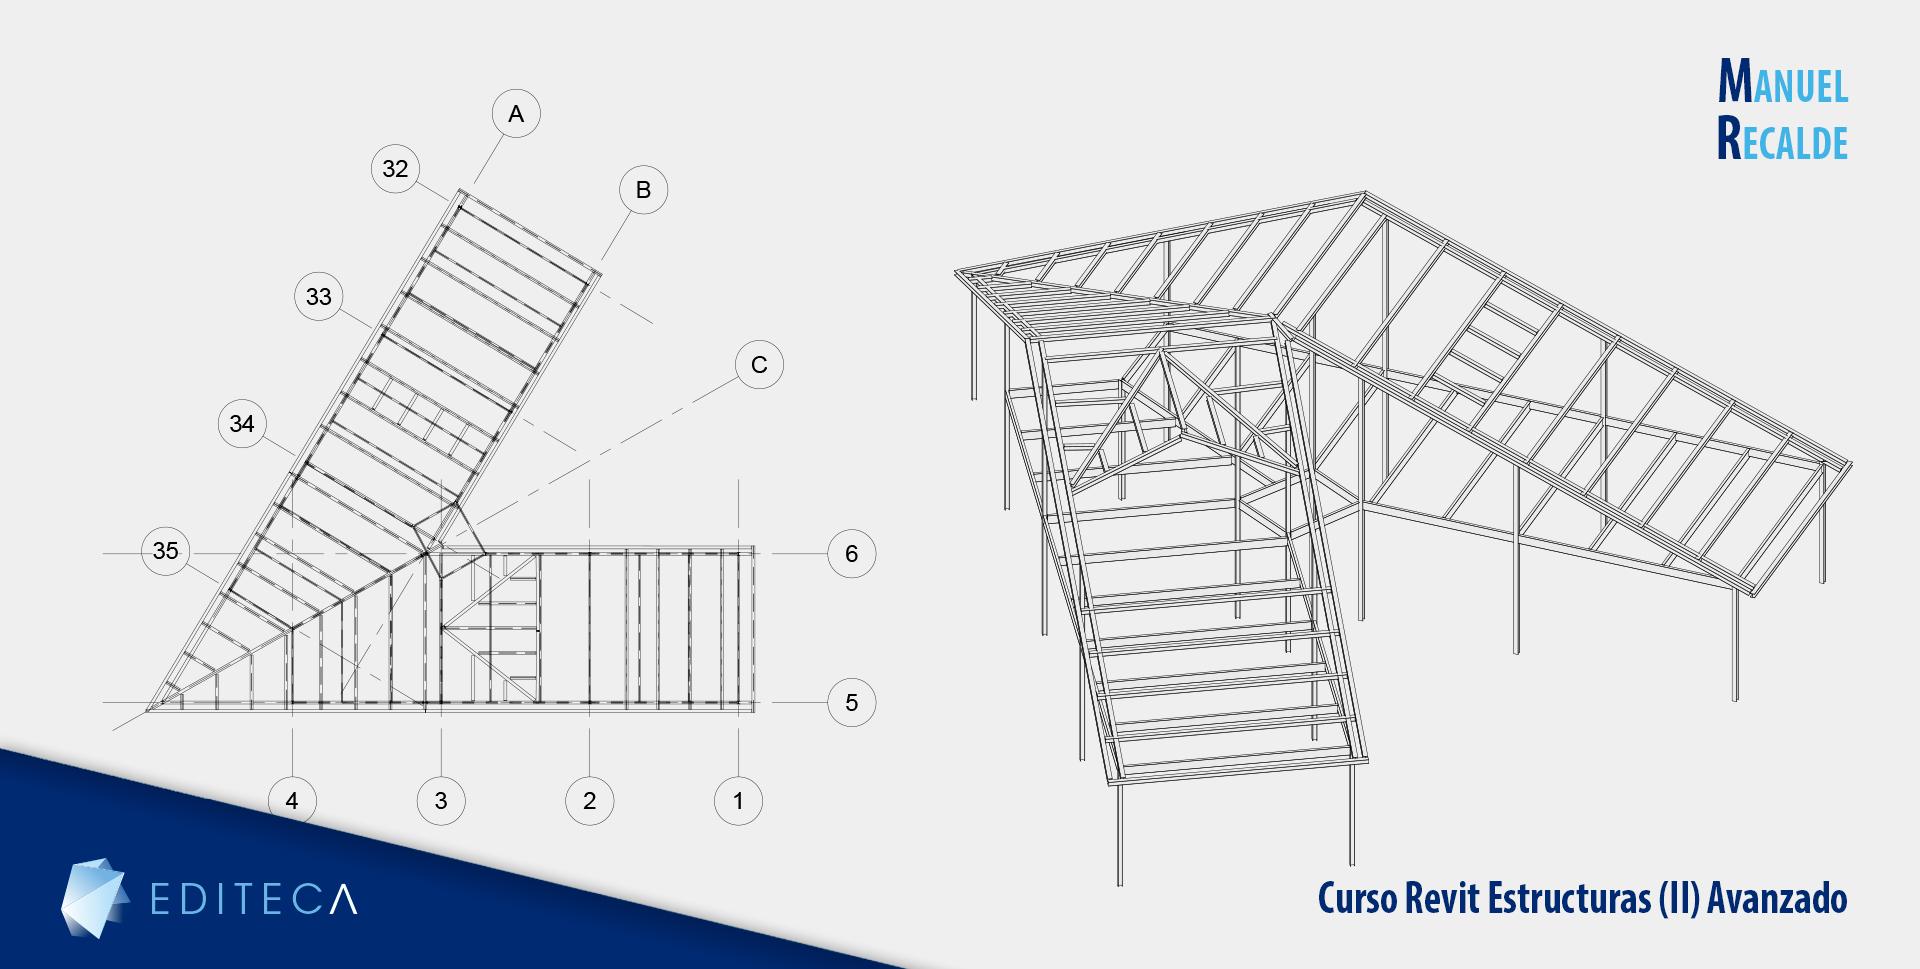 proyecto estructuras 2 avanzado manu recalde